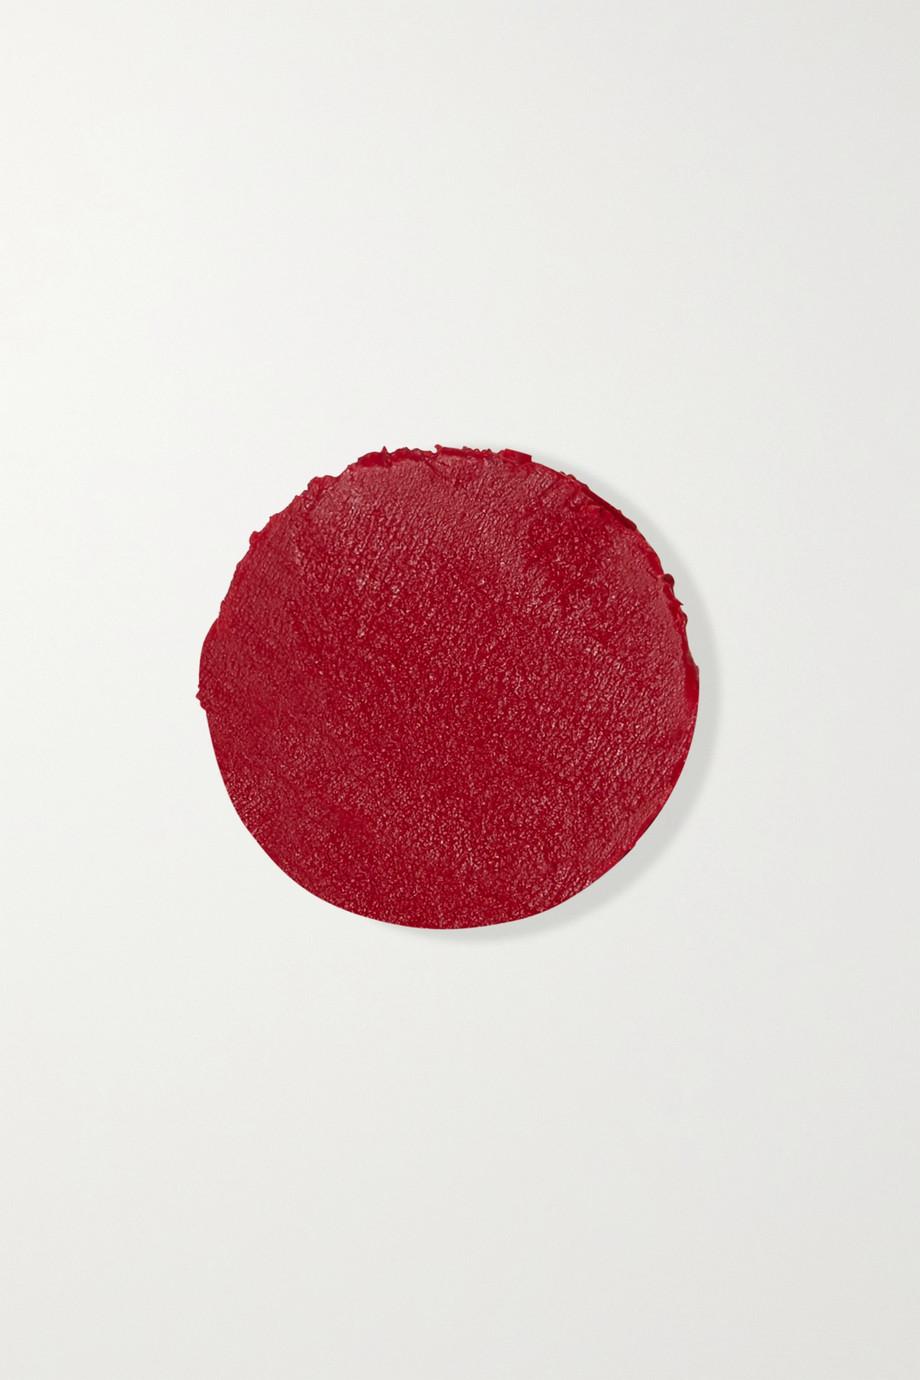 Ilia Color Block Lipstick - True Red